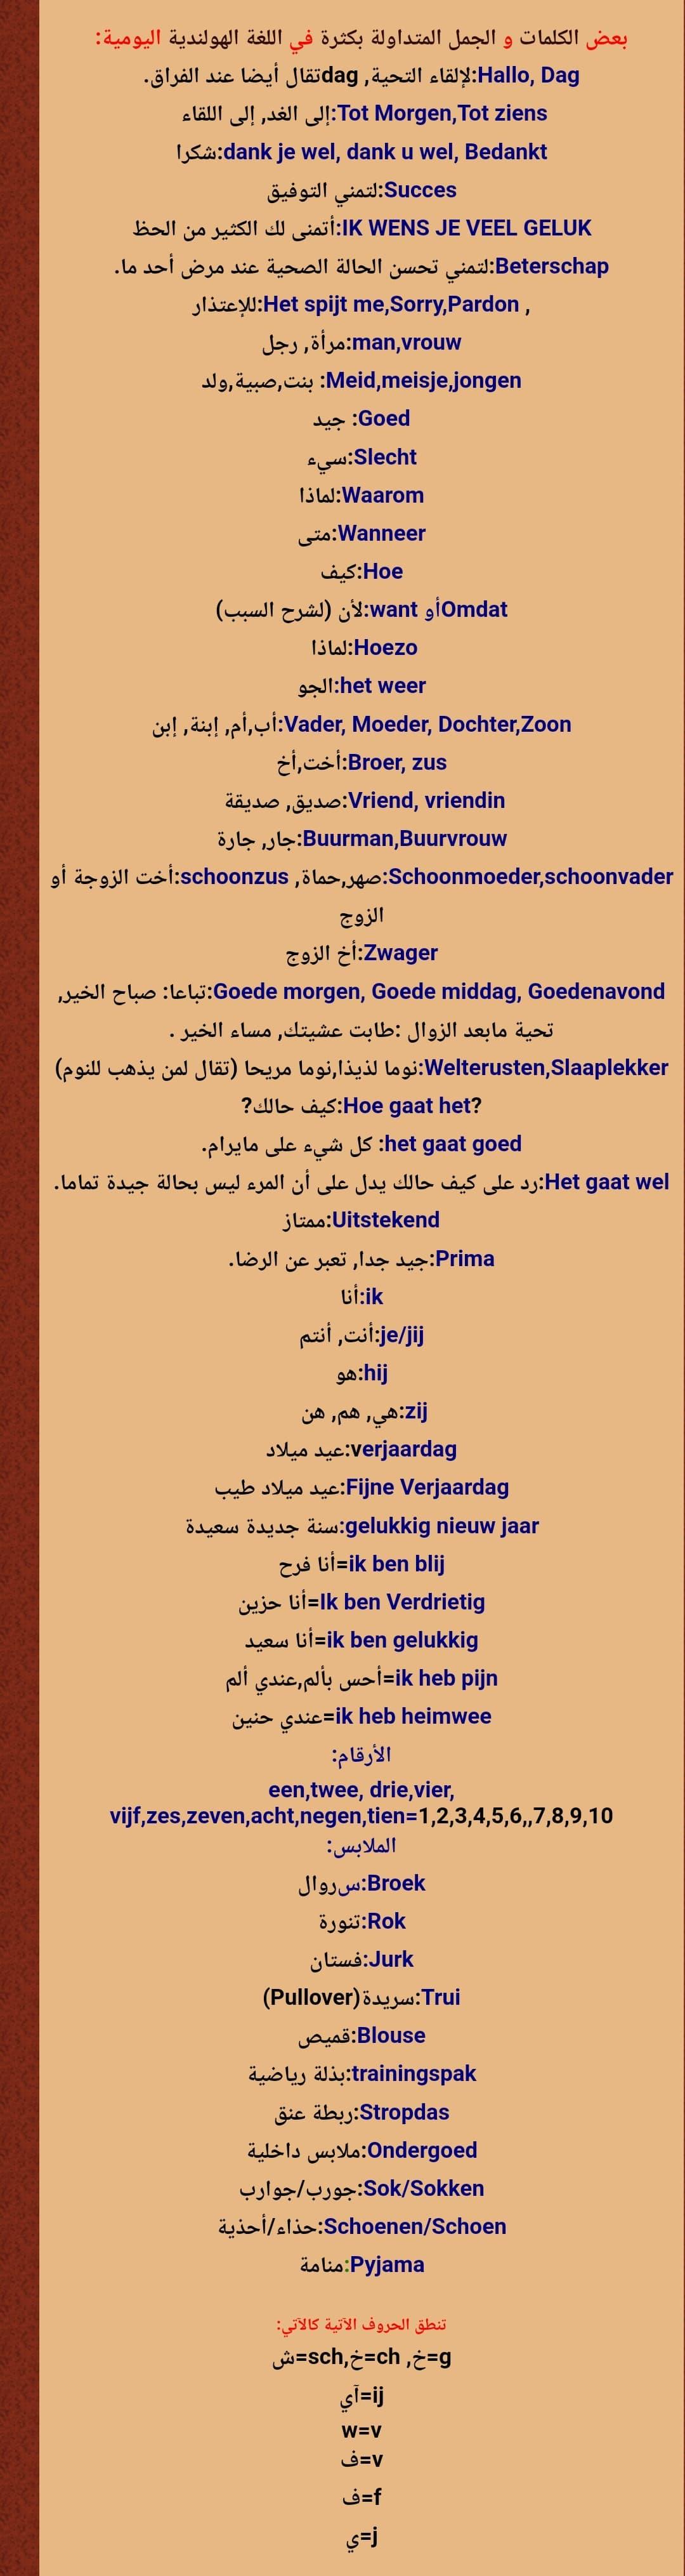 الكلمات والجمل المتداولة باللغة الهولندية